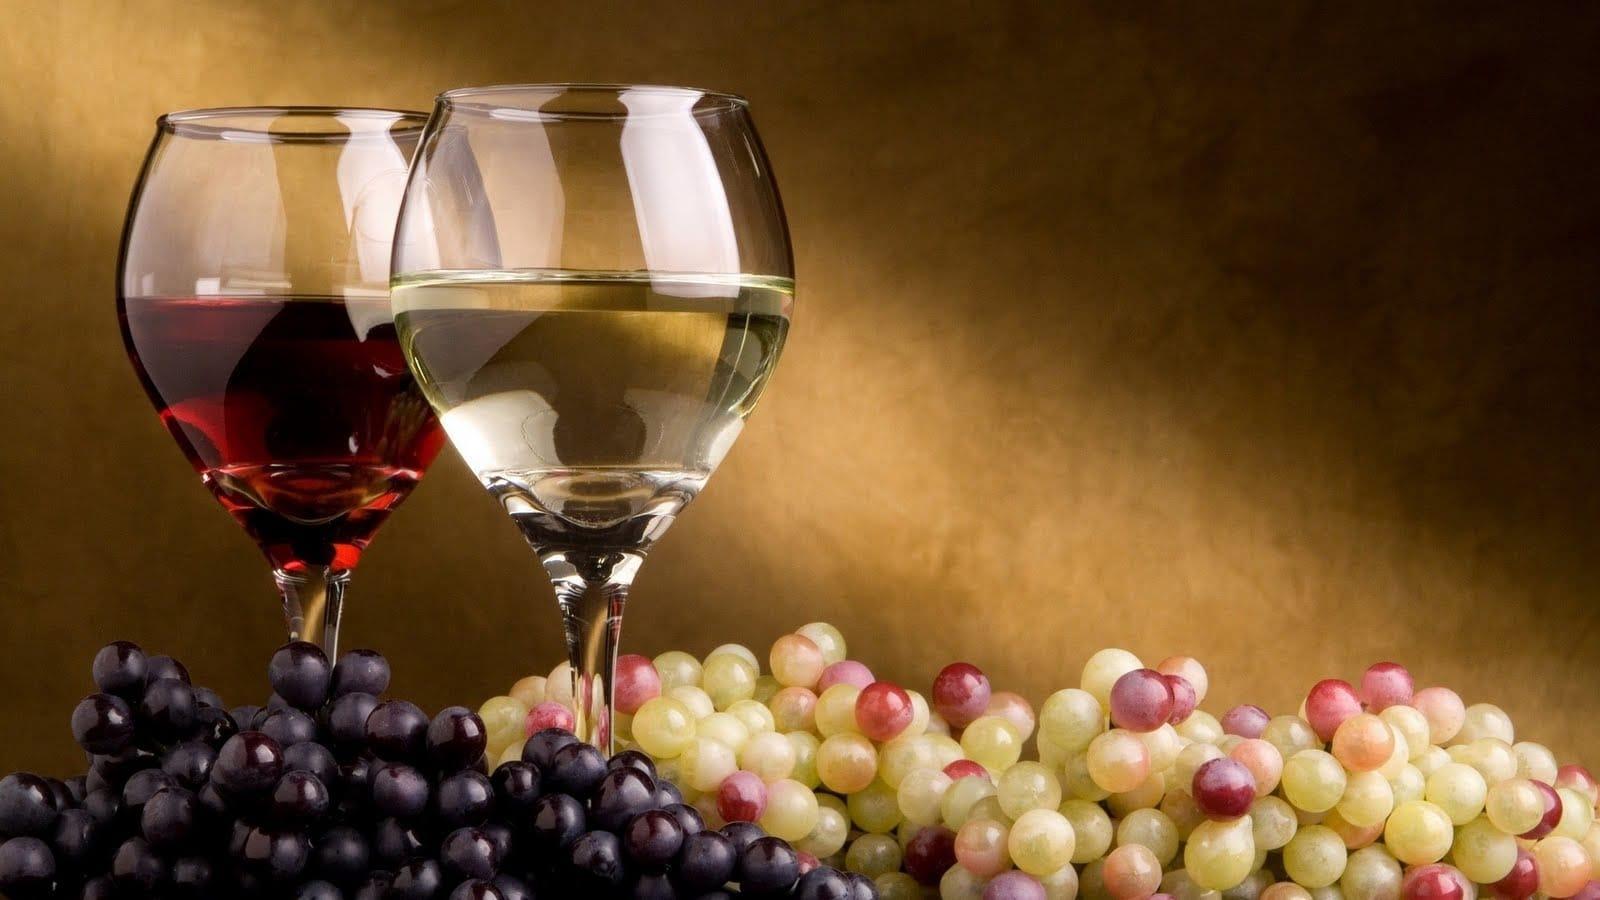 Cave à vin : Toutes les raisons pour lesquelles je vous recommande de vous équiper avec une cave à vin